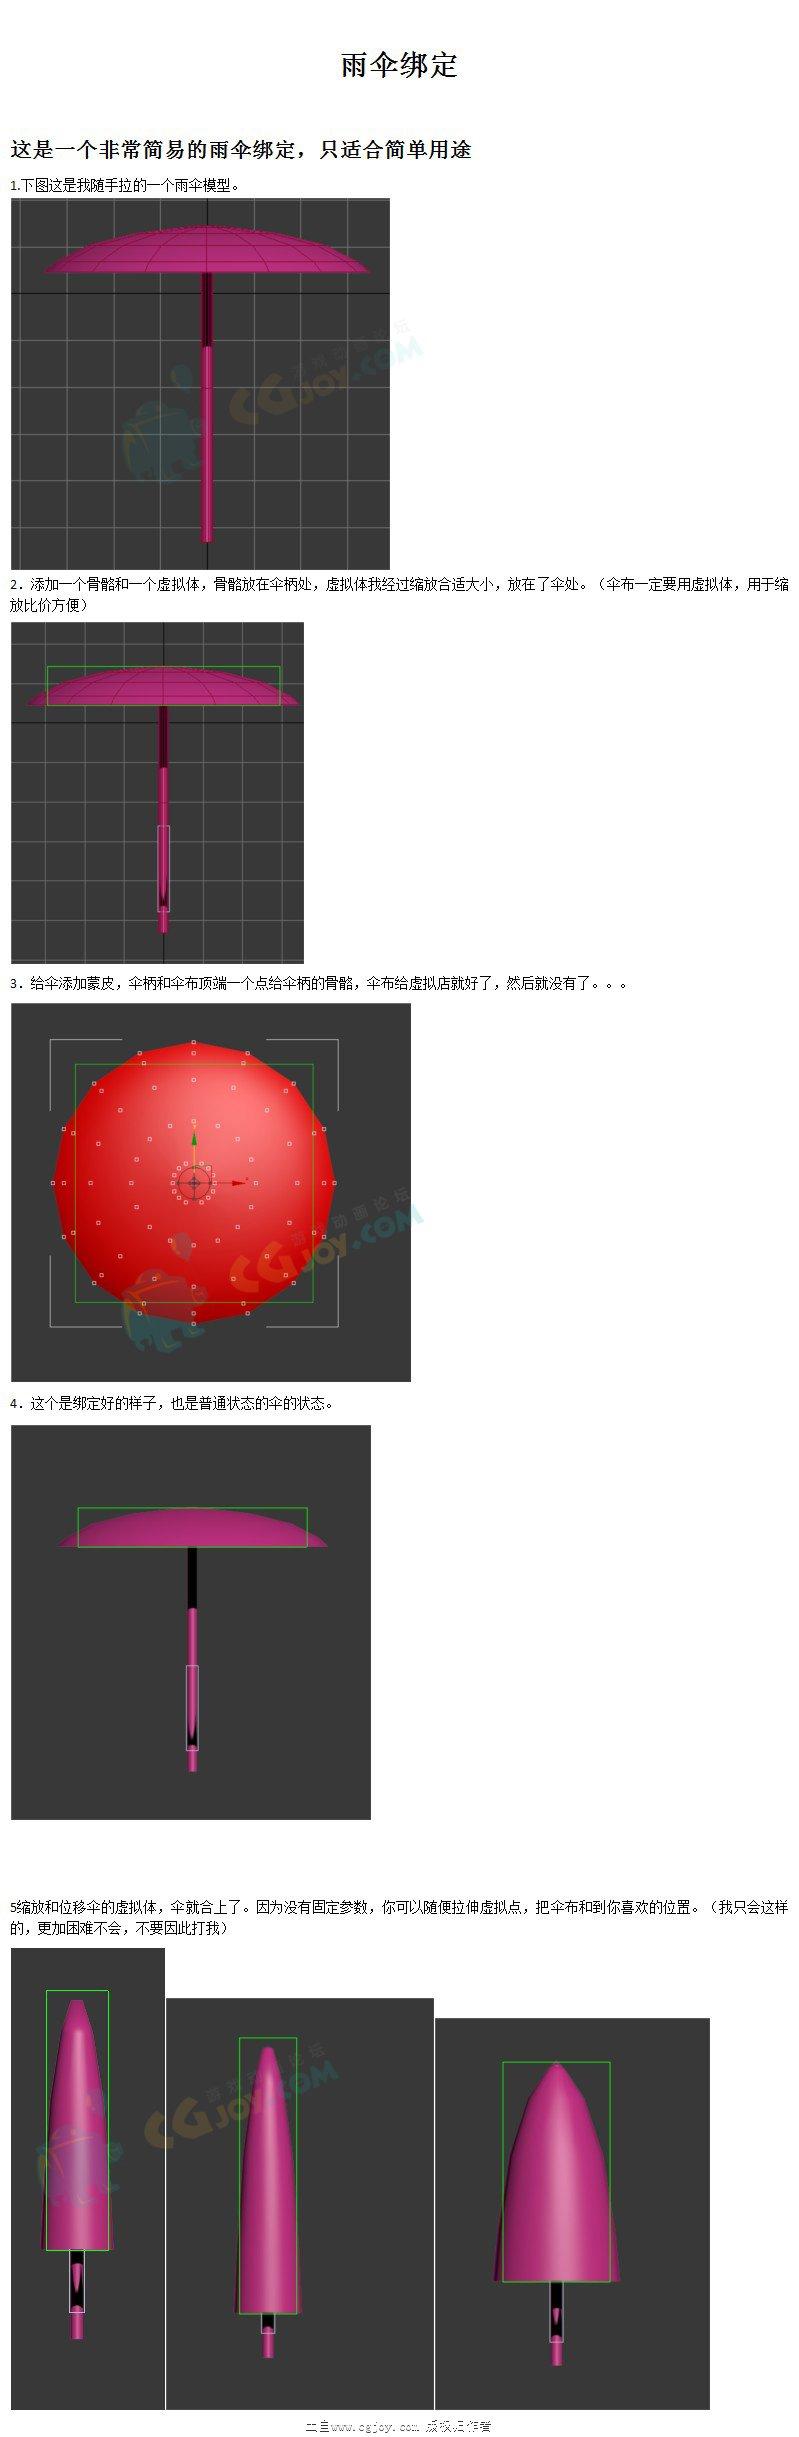 雨伞绑定.jpg